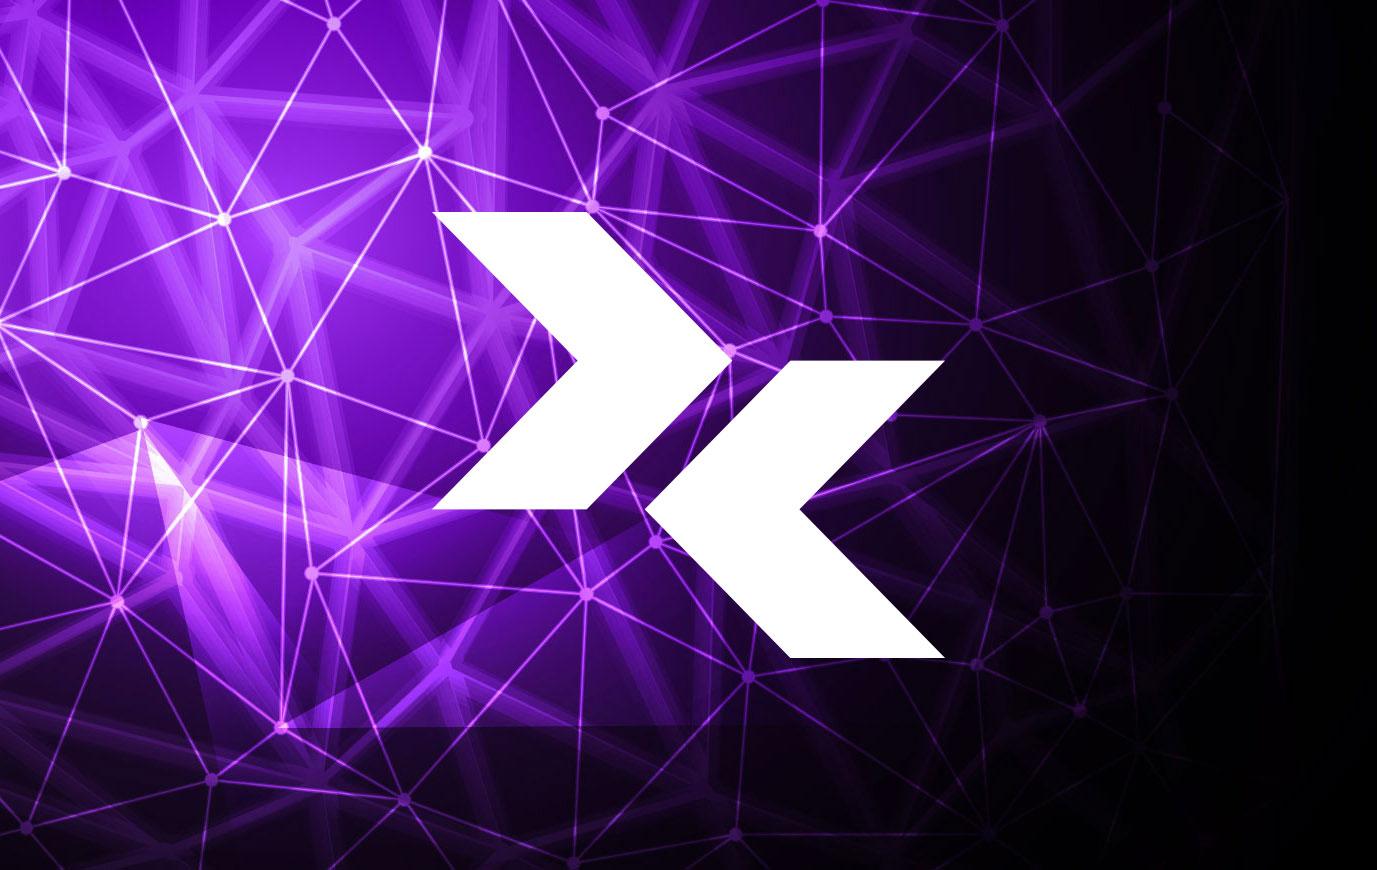 XTRMX